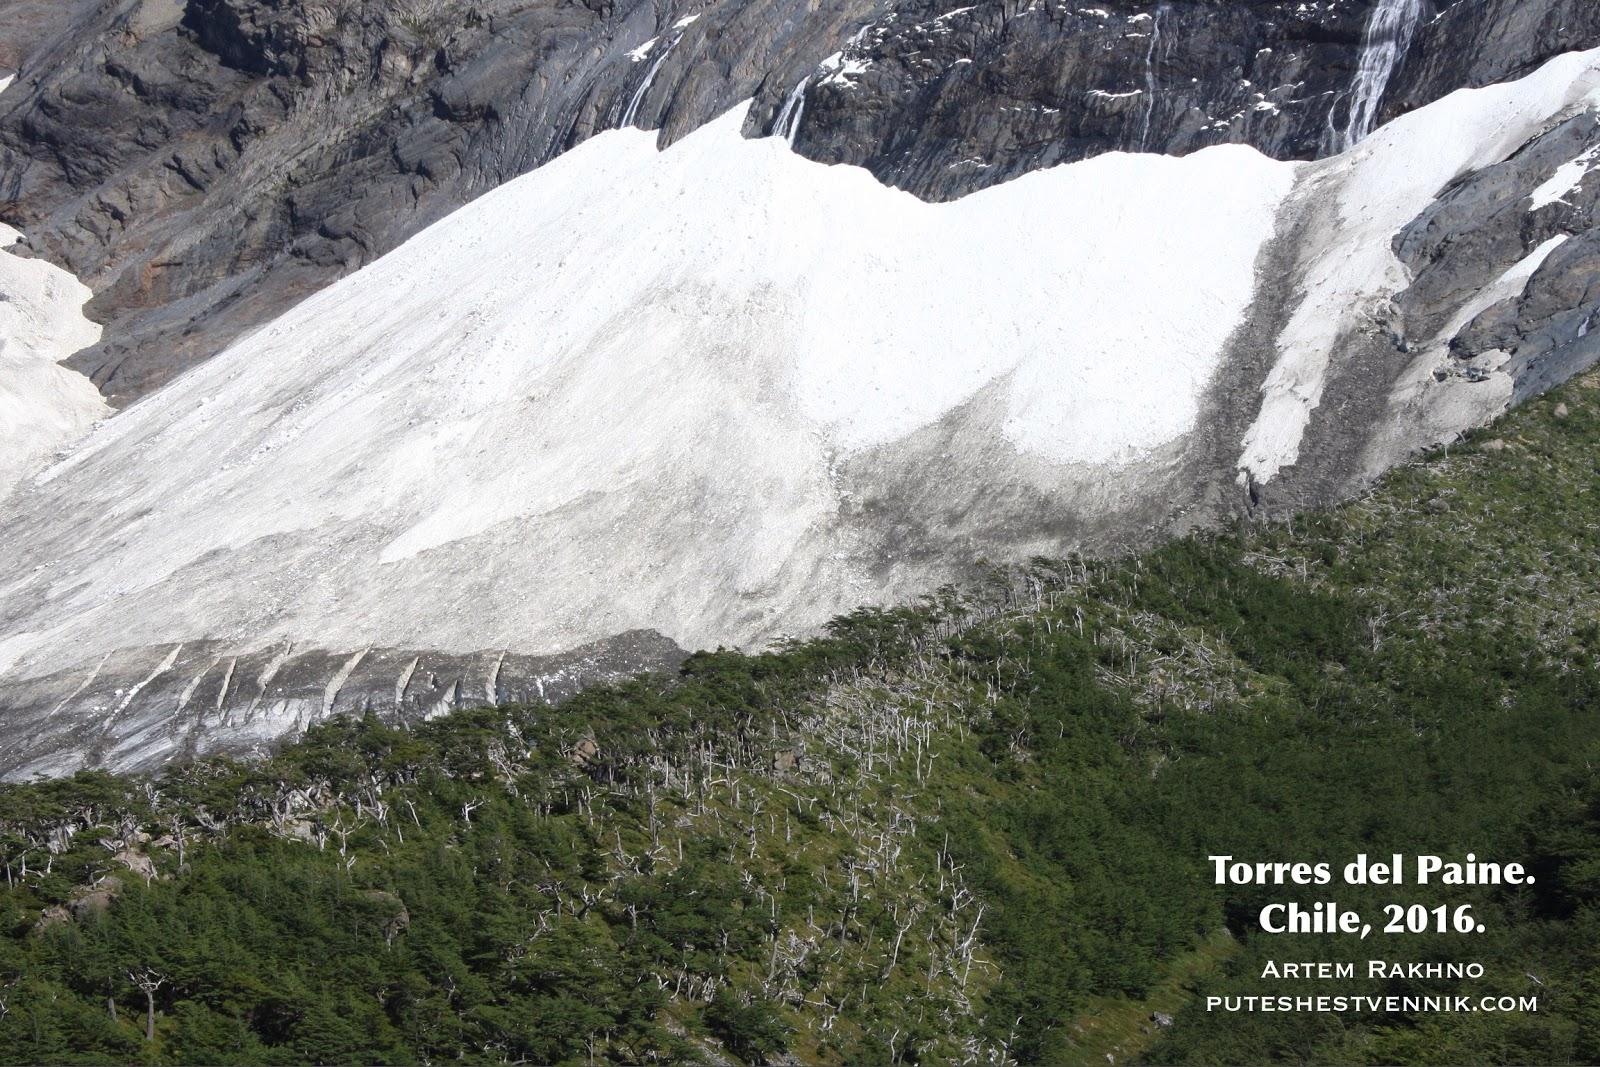 Лес и ледник в Торрес-дель-Пайне